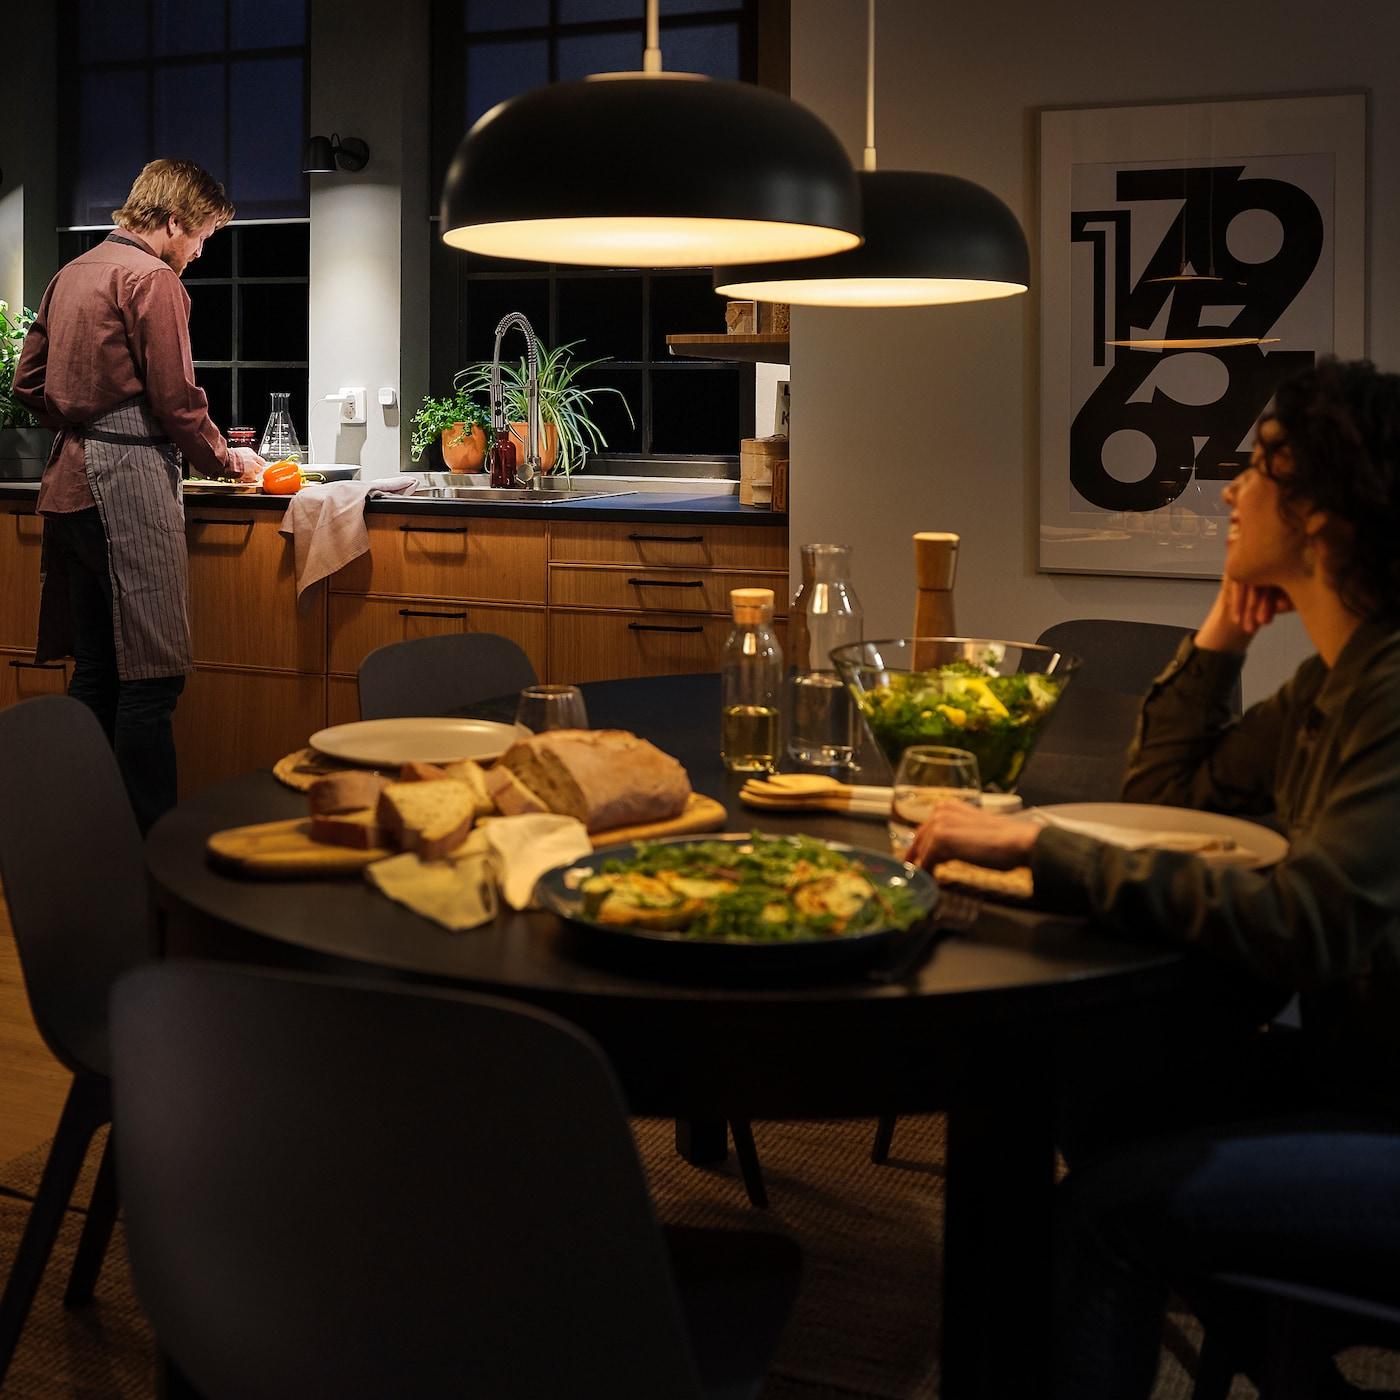 Tradfri Ampoule Led E27 1000 Lumen Sans Fil Spectre Blanc Opalin Ikea